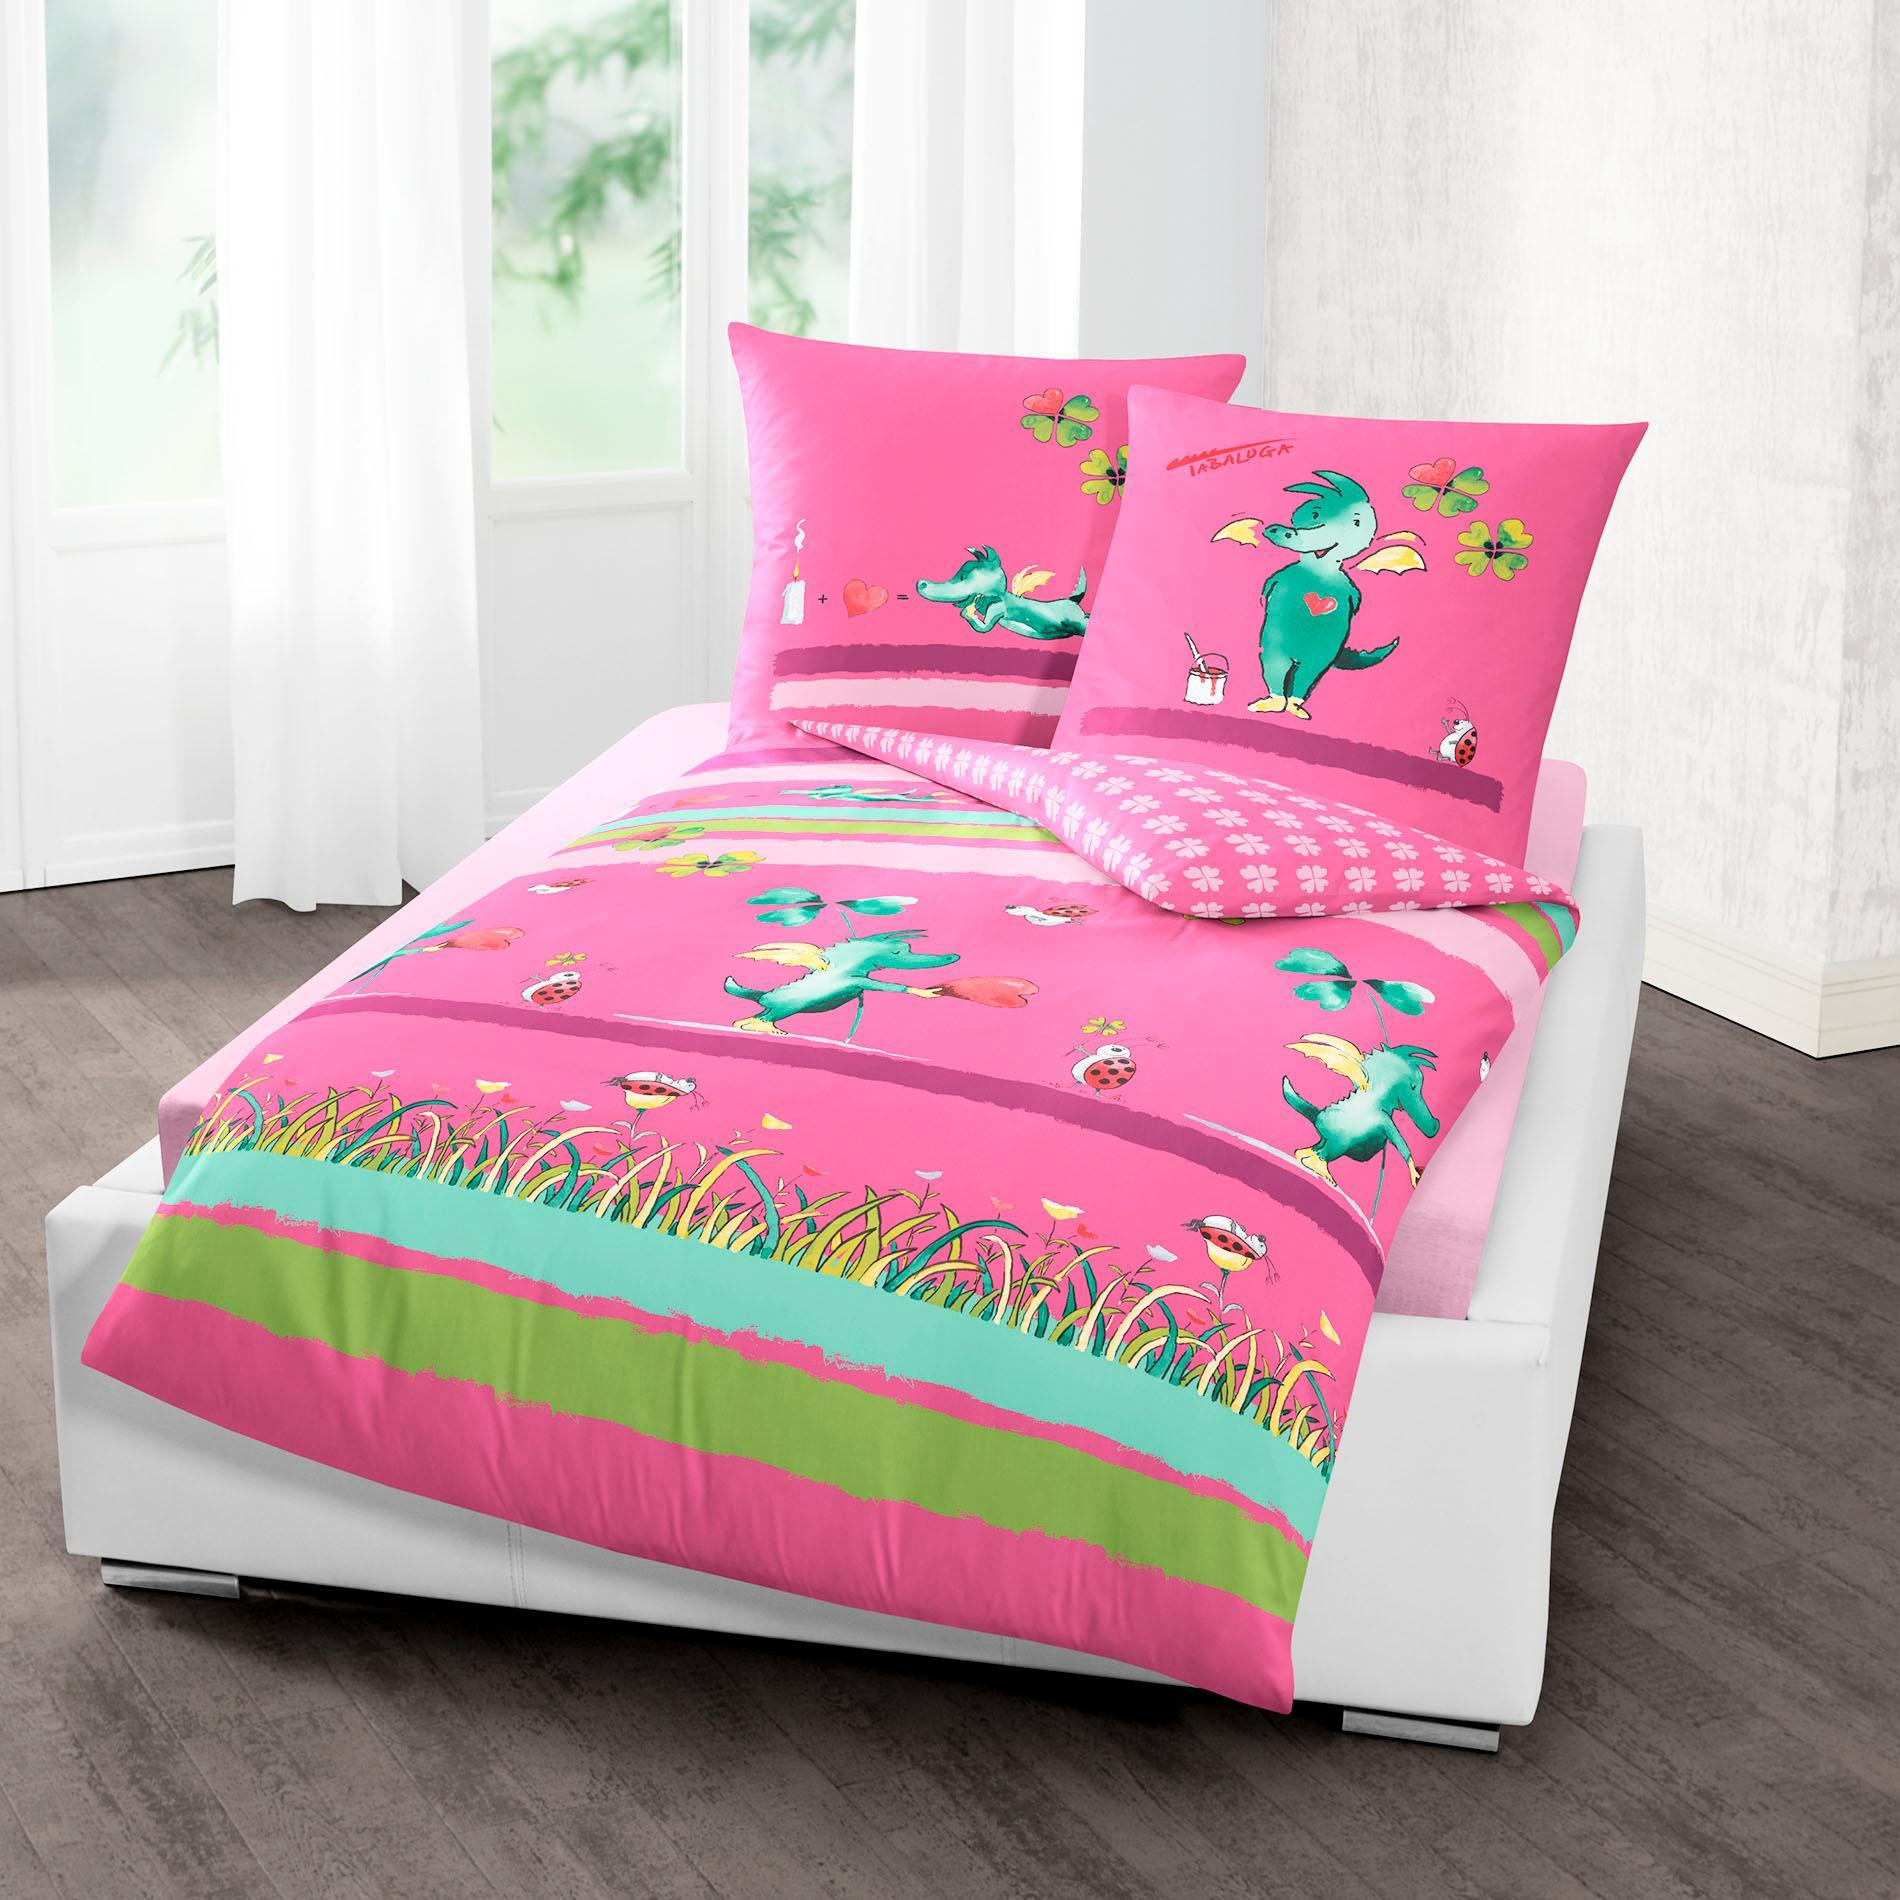 Kinderbettwäsche Kleeblatt TABALUGA Wohnen/Wohntextilien/Bettwäsche, Bettlaken und Betttücher/Bettwäsche nach Größe/Bettwäsche 135x200 cm